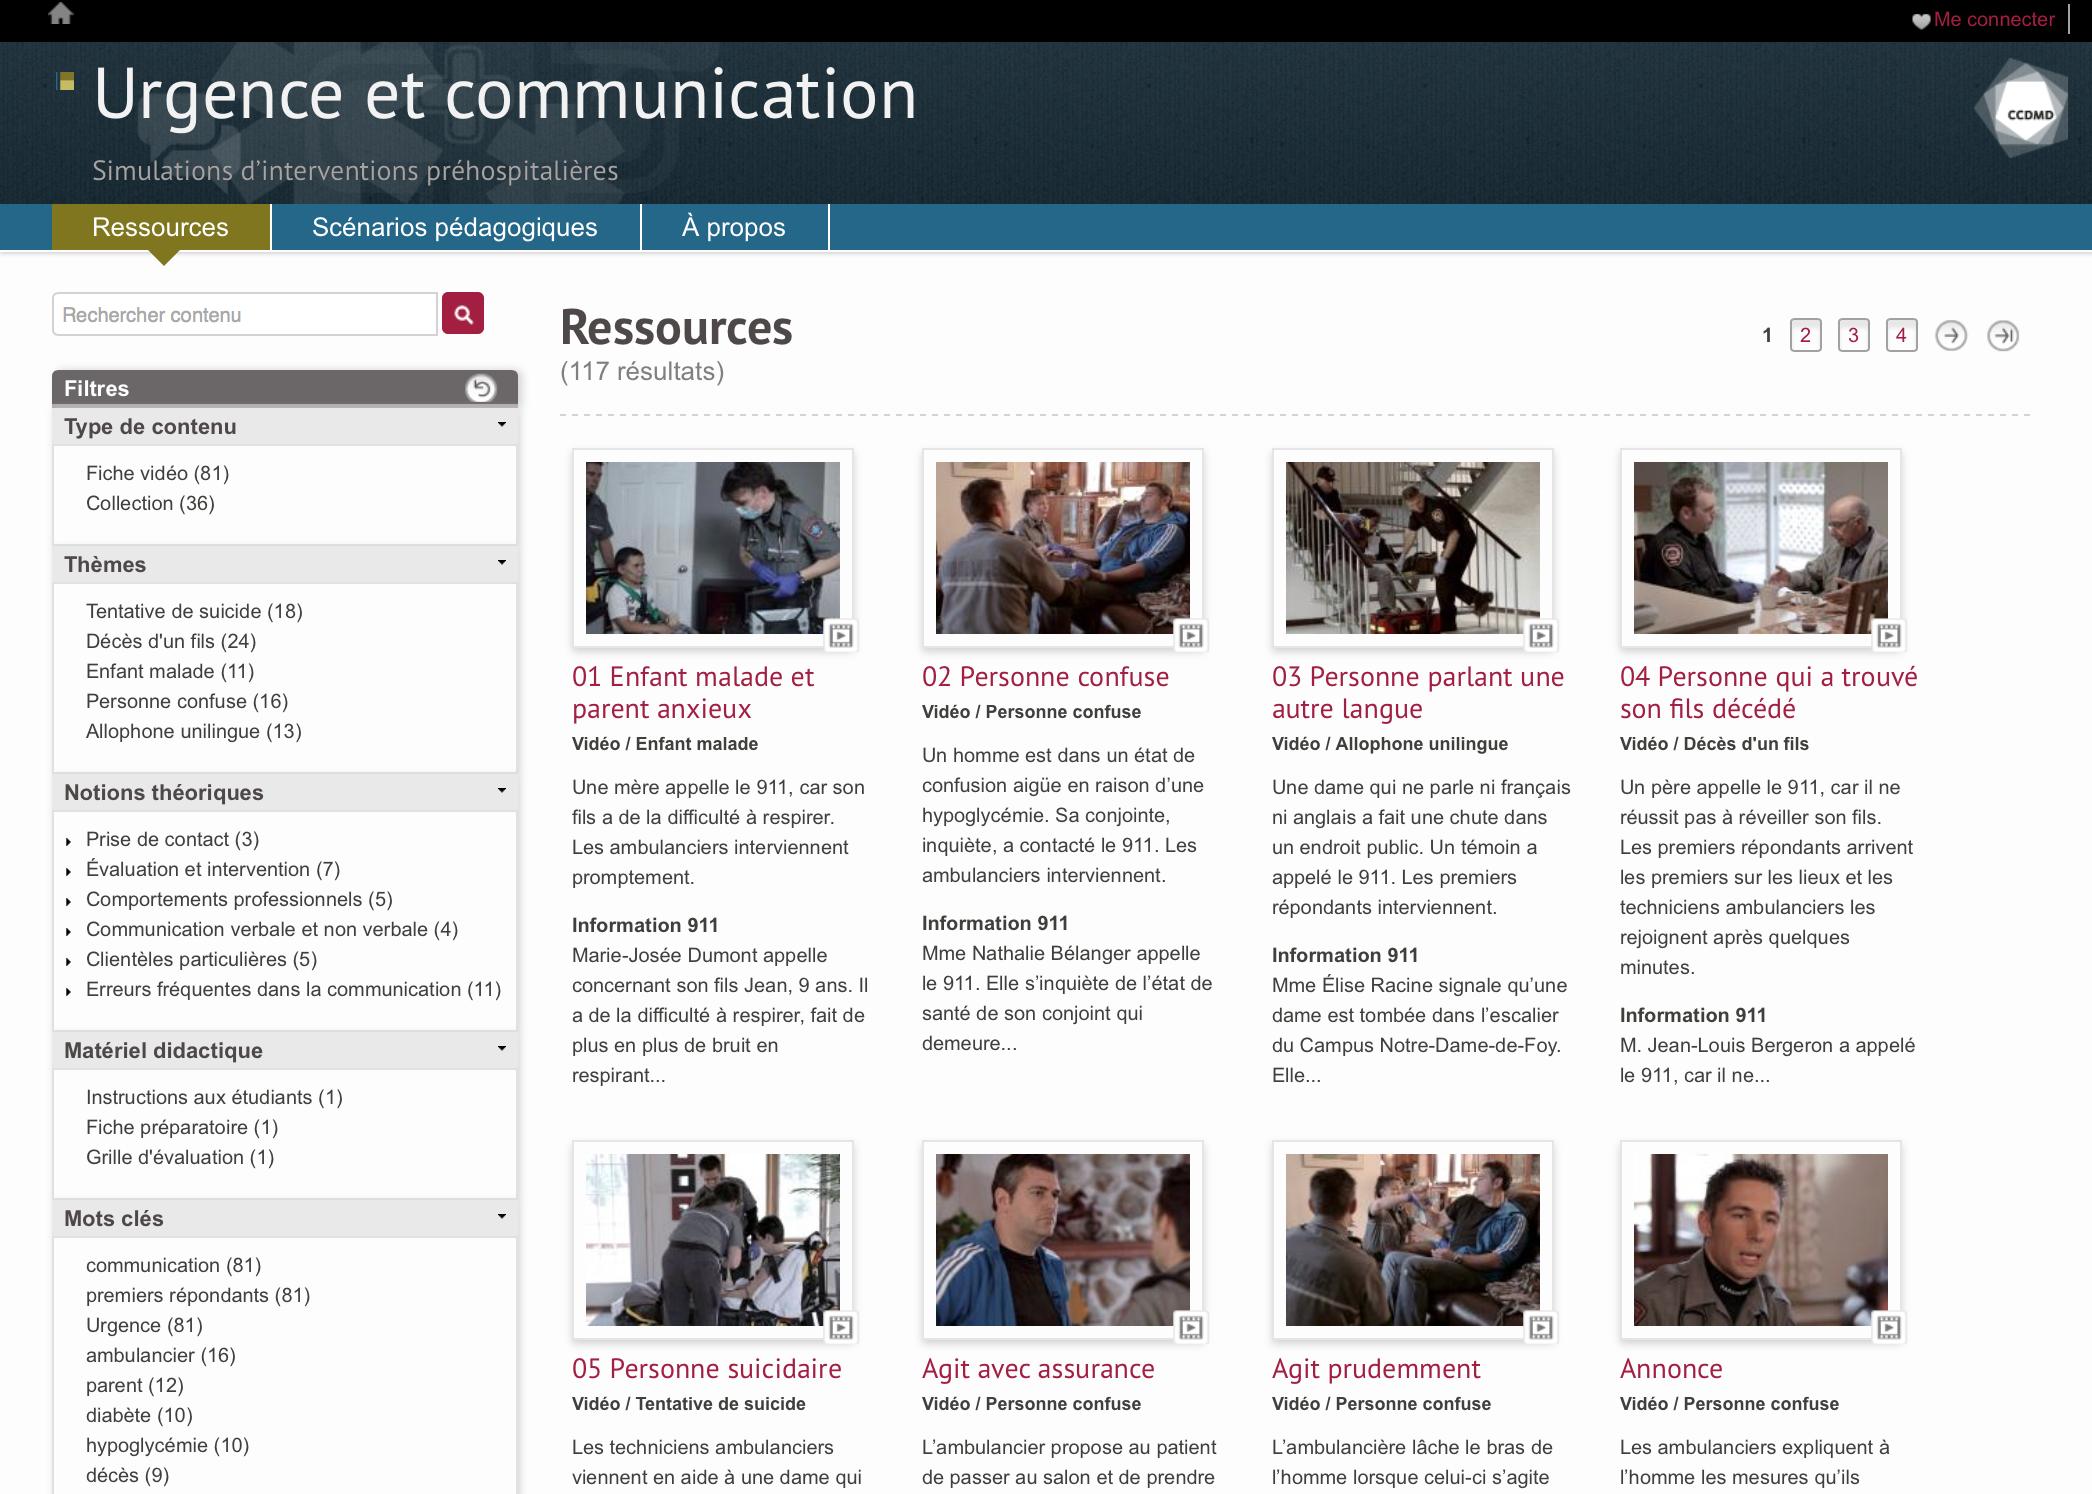 Urgence et communication